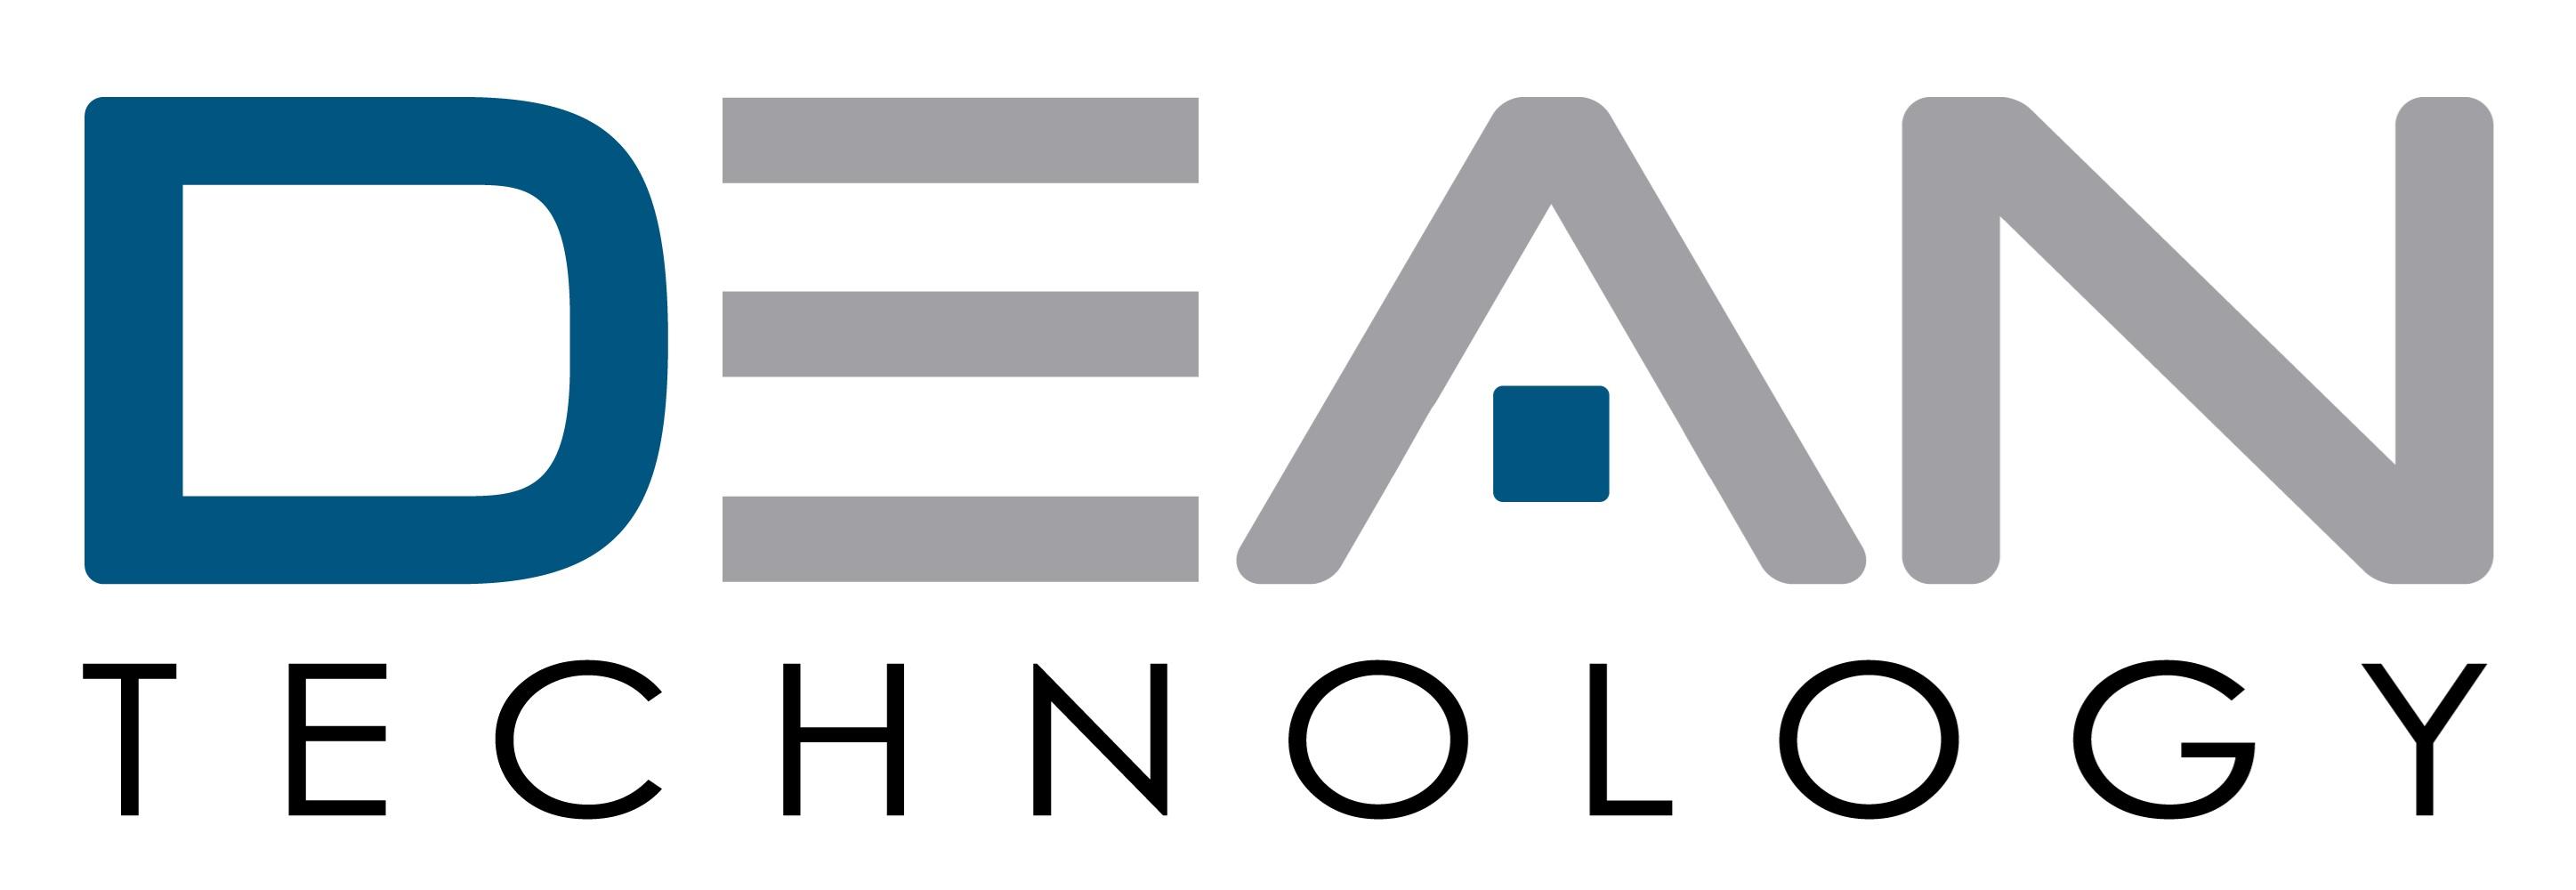 Dean Technology